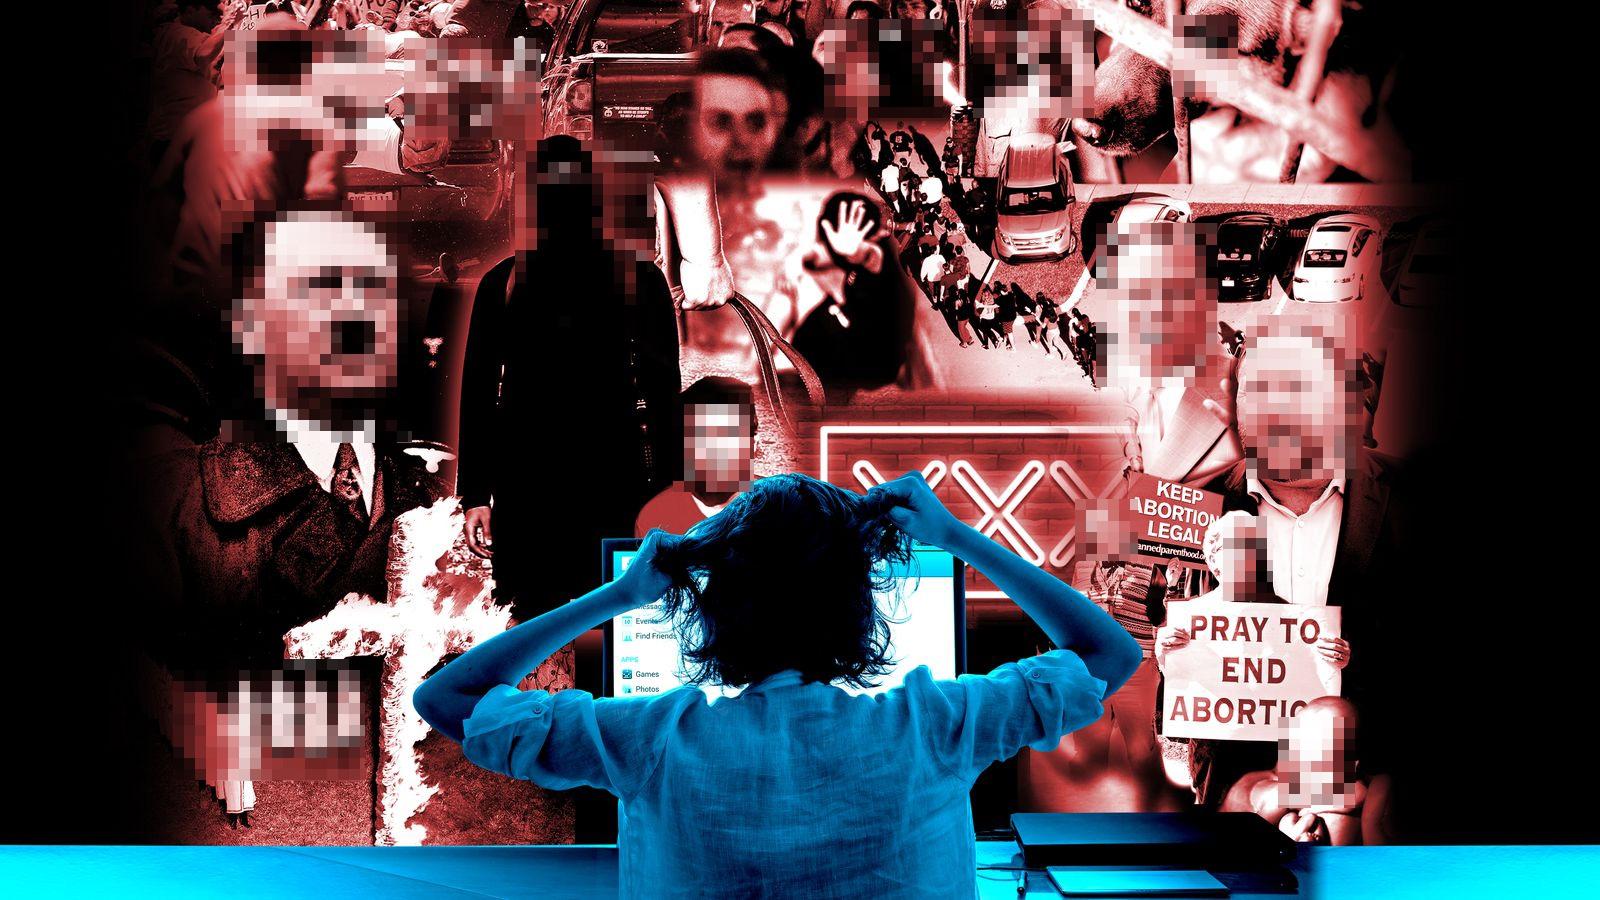 Ở Facebook có 1 vị trí được trả lương hơn 700 triệu đồng/năm nhưng bị coi là công việc nguy hiểm vì dễ mắc bệnh tâm lý - Ảnh 1.